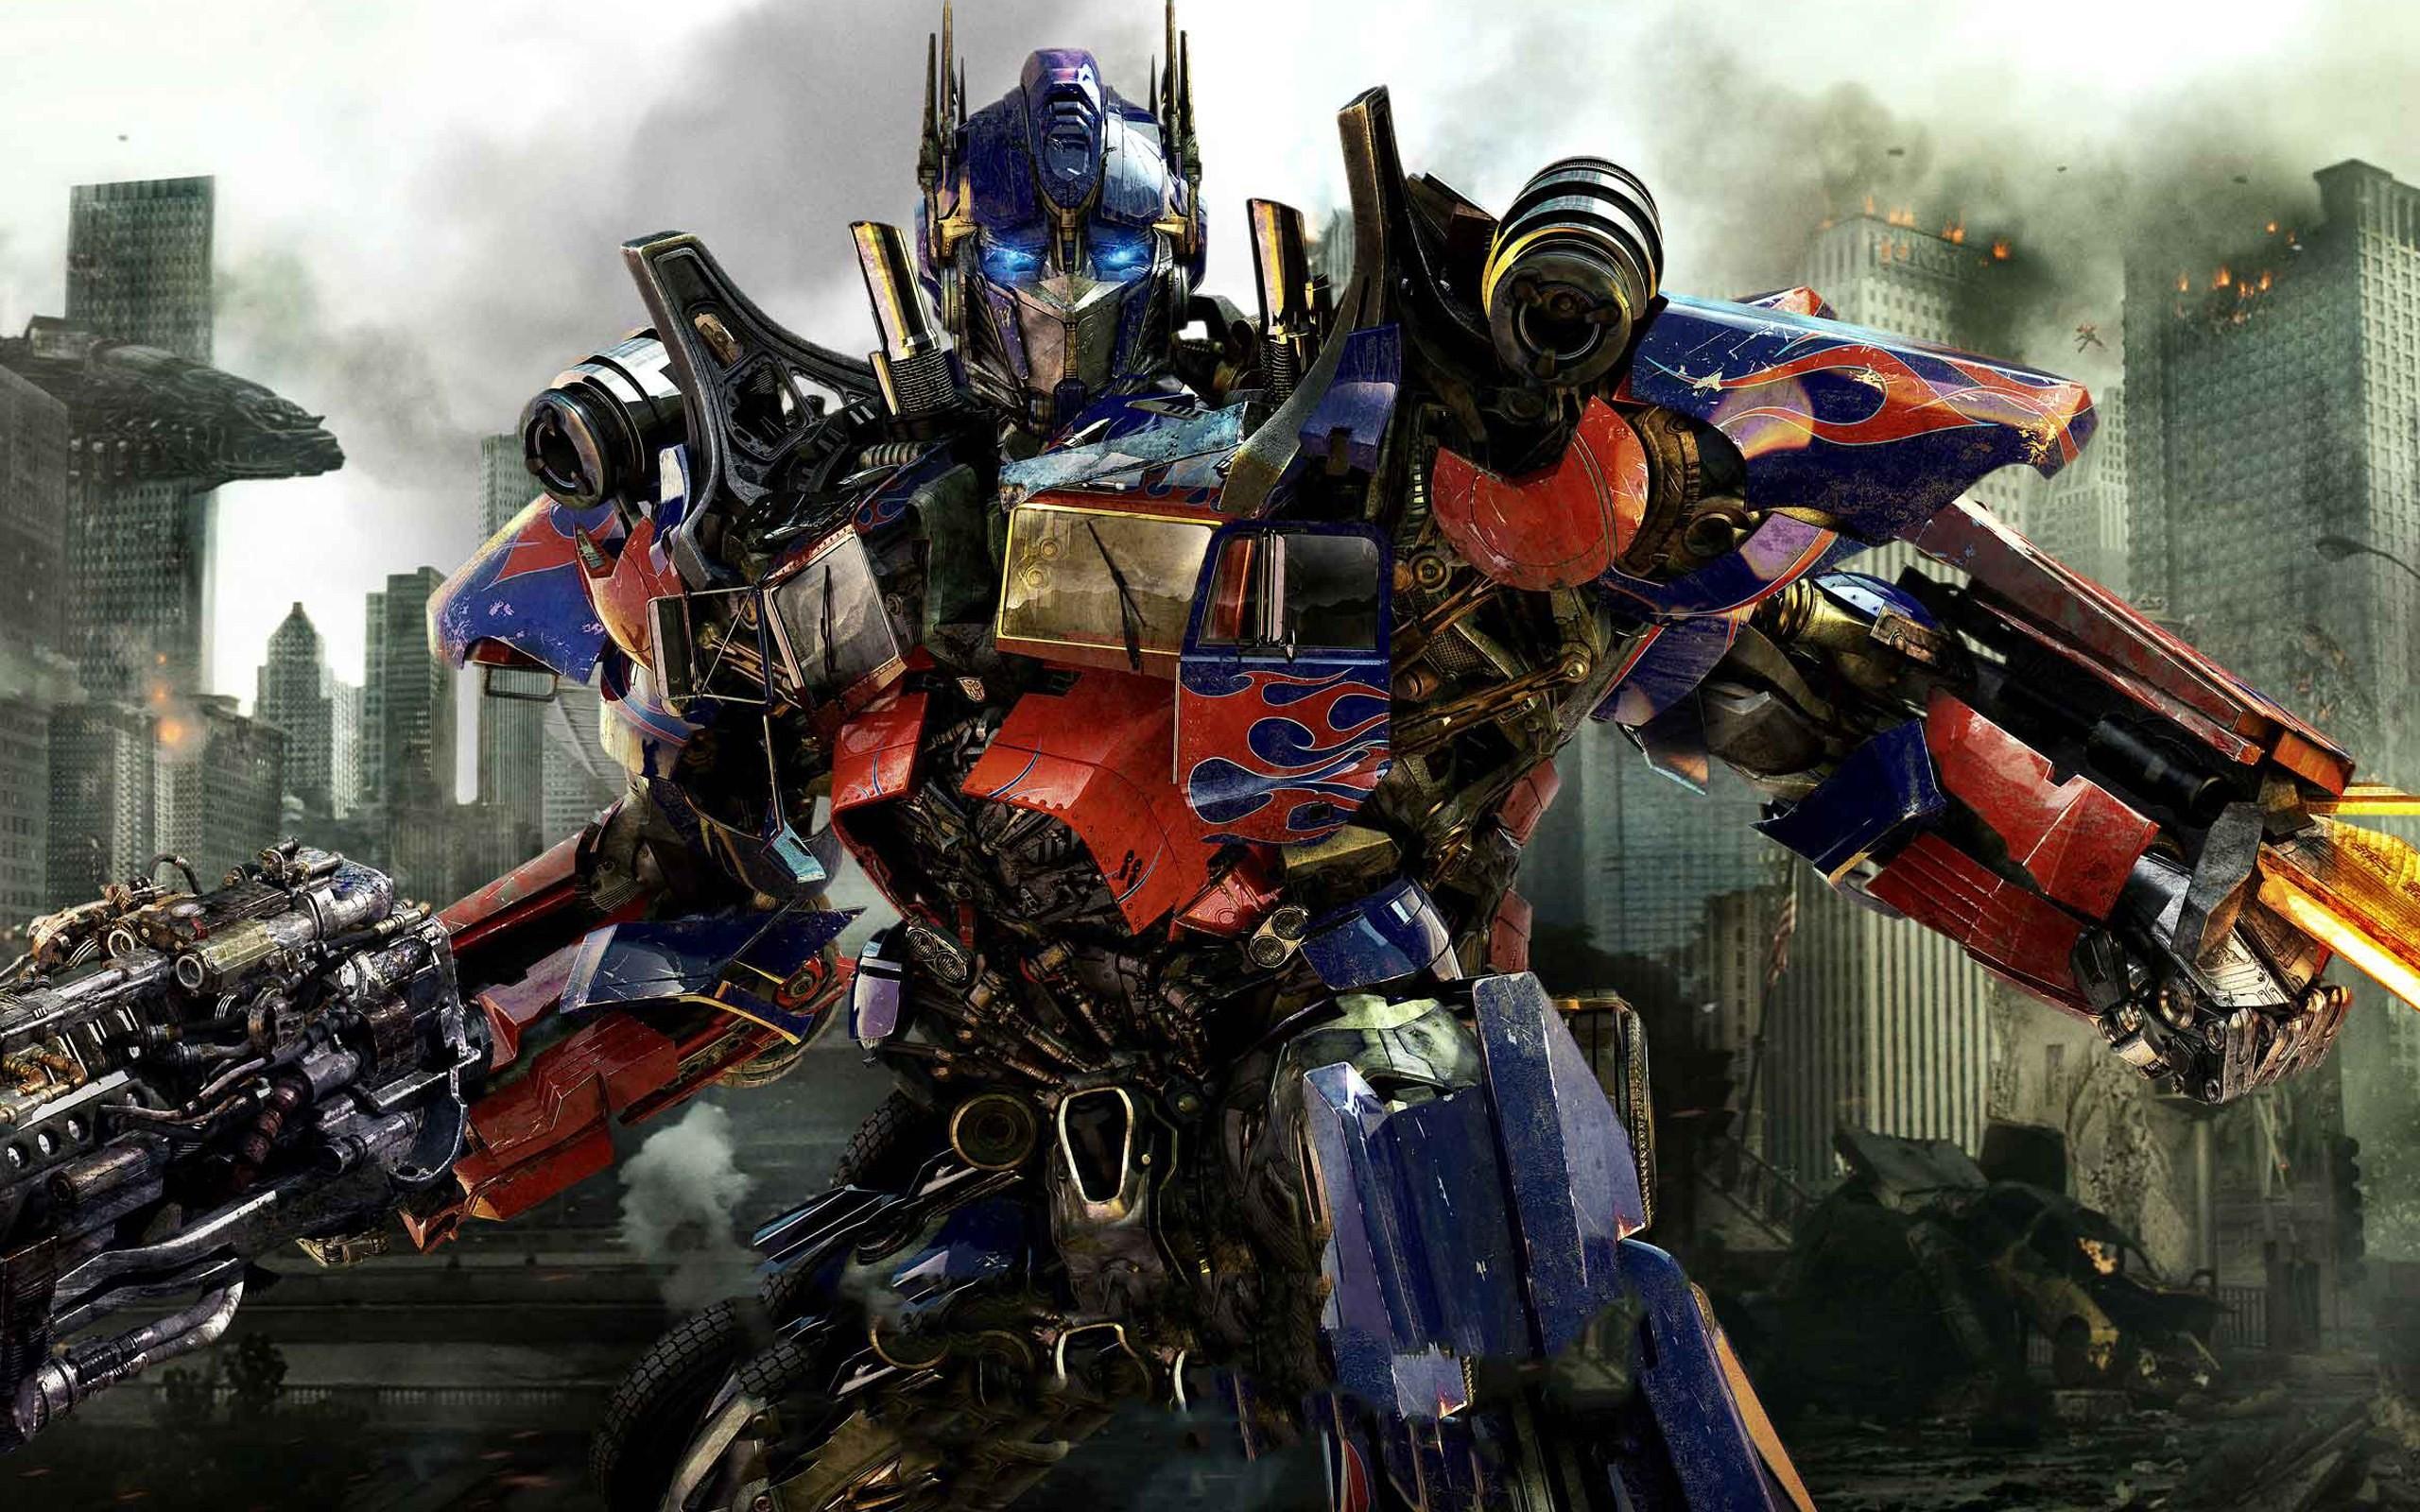 Download Transformers Optimus Prime Wallpaper Phone ugJU